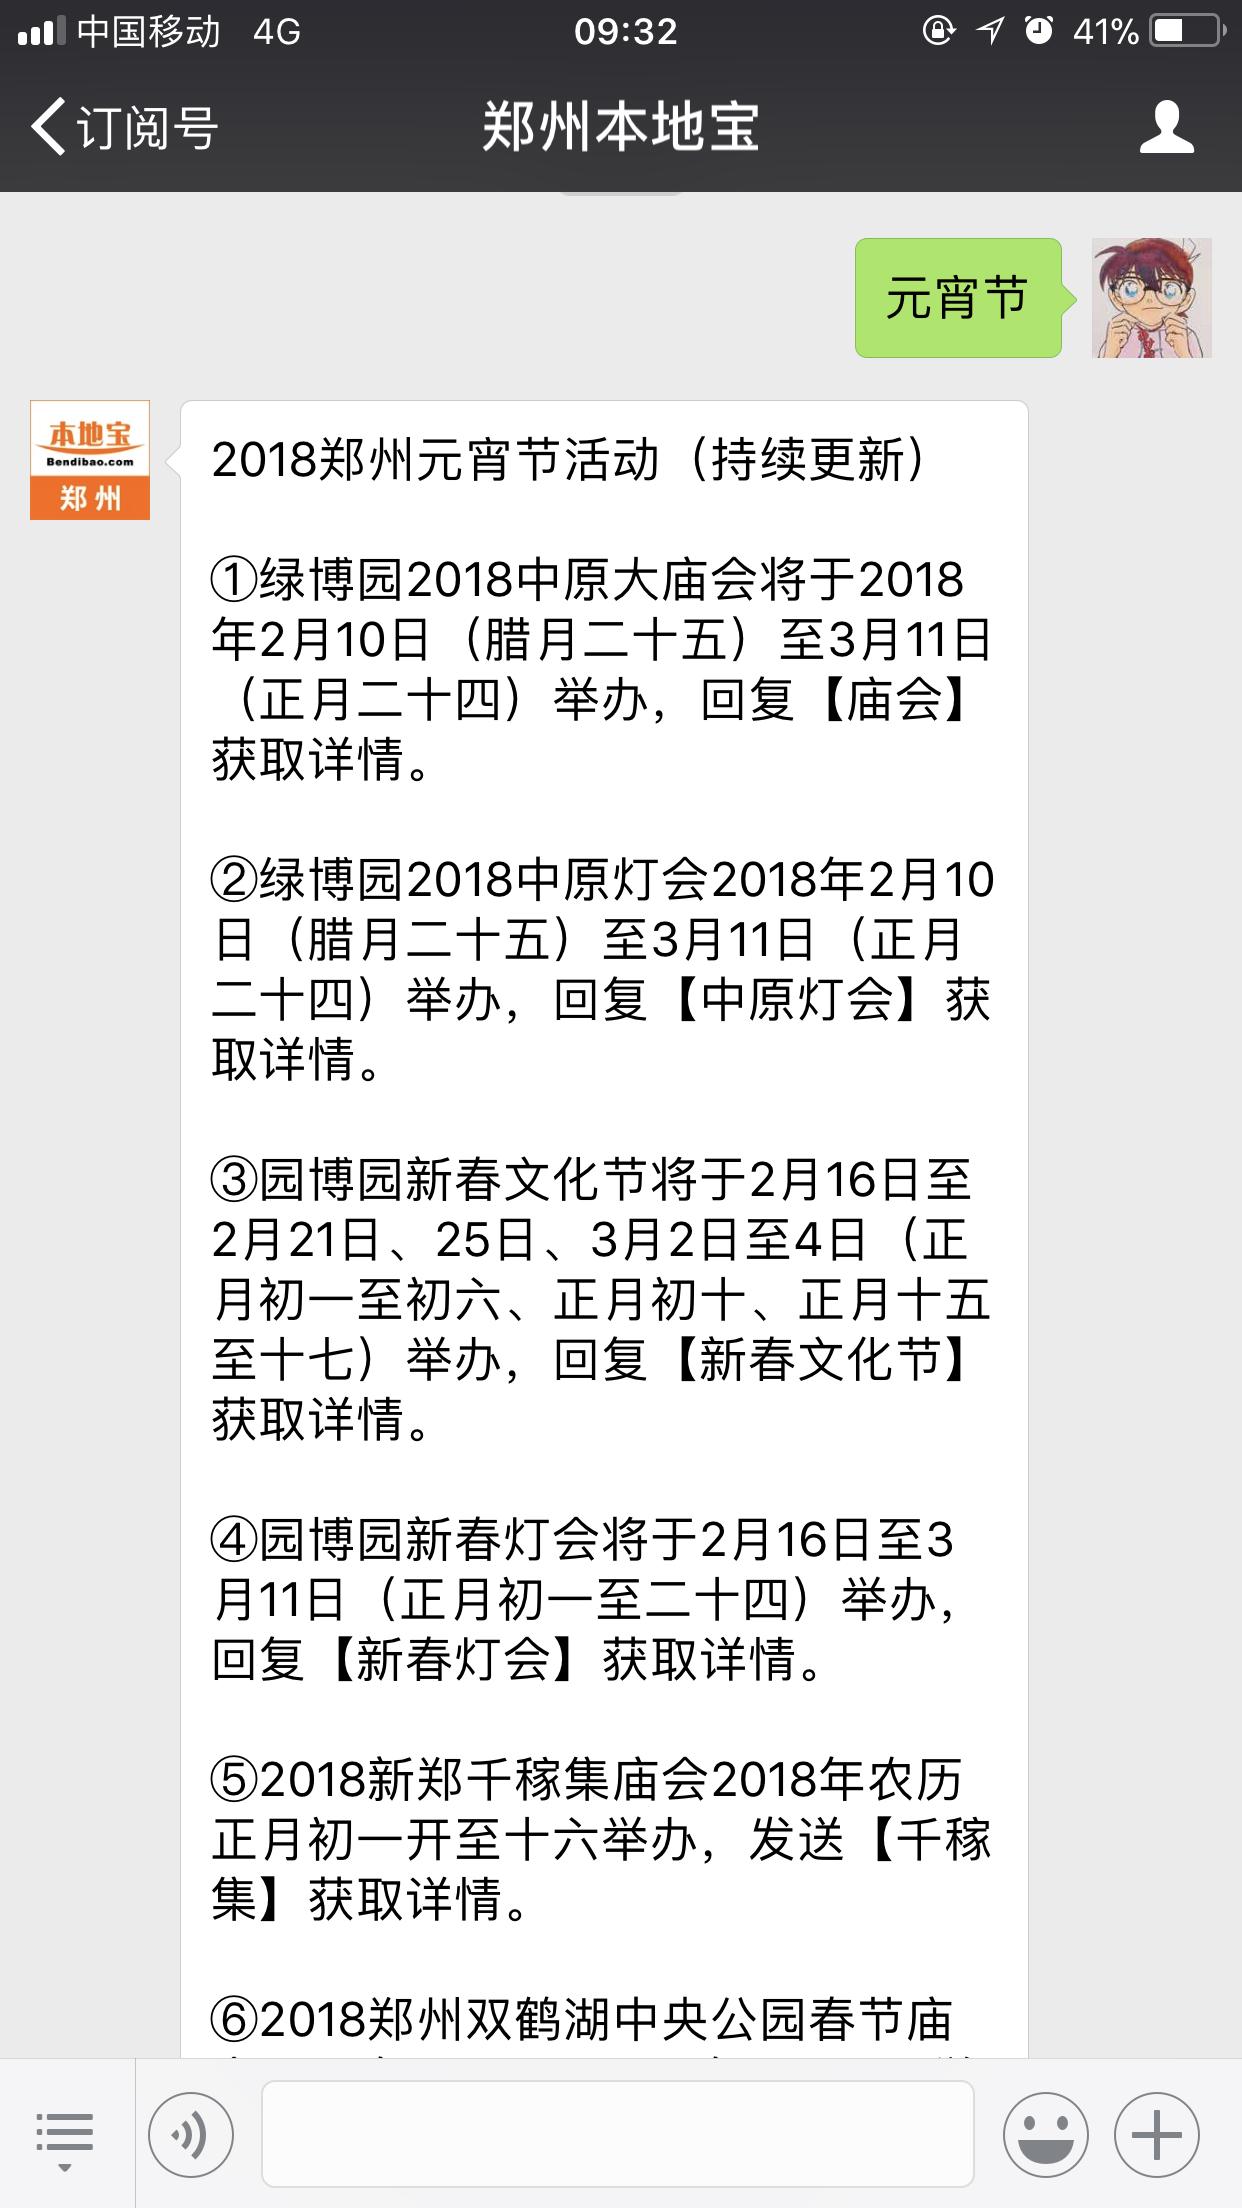 2018年郑州春节庙会汇总(持续更新)